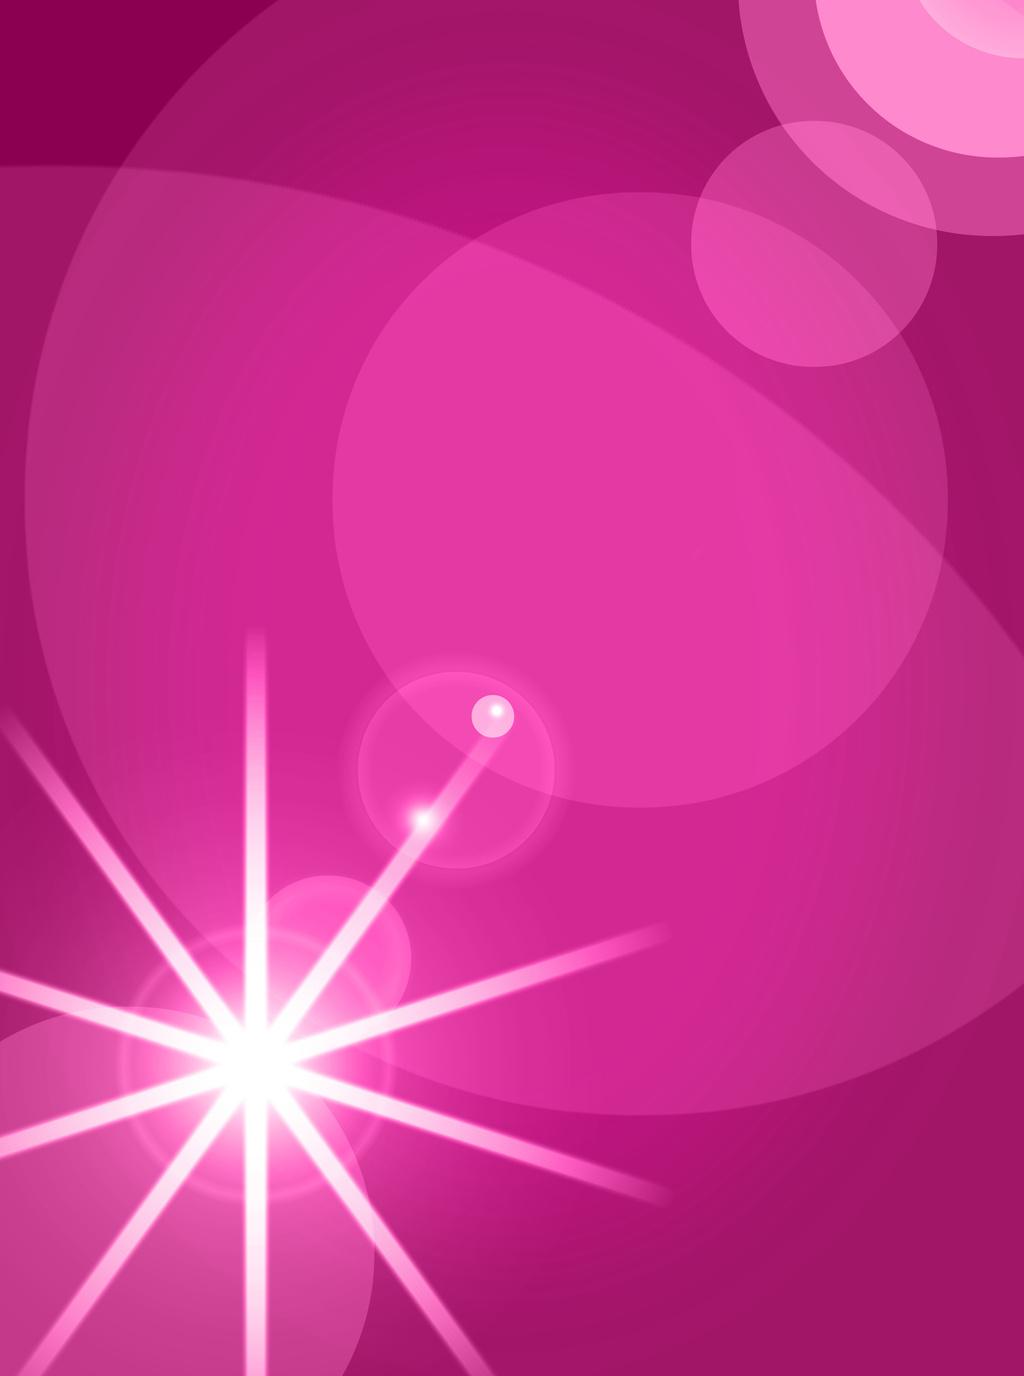 Hình ảnh slide hồng đẹp